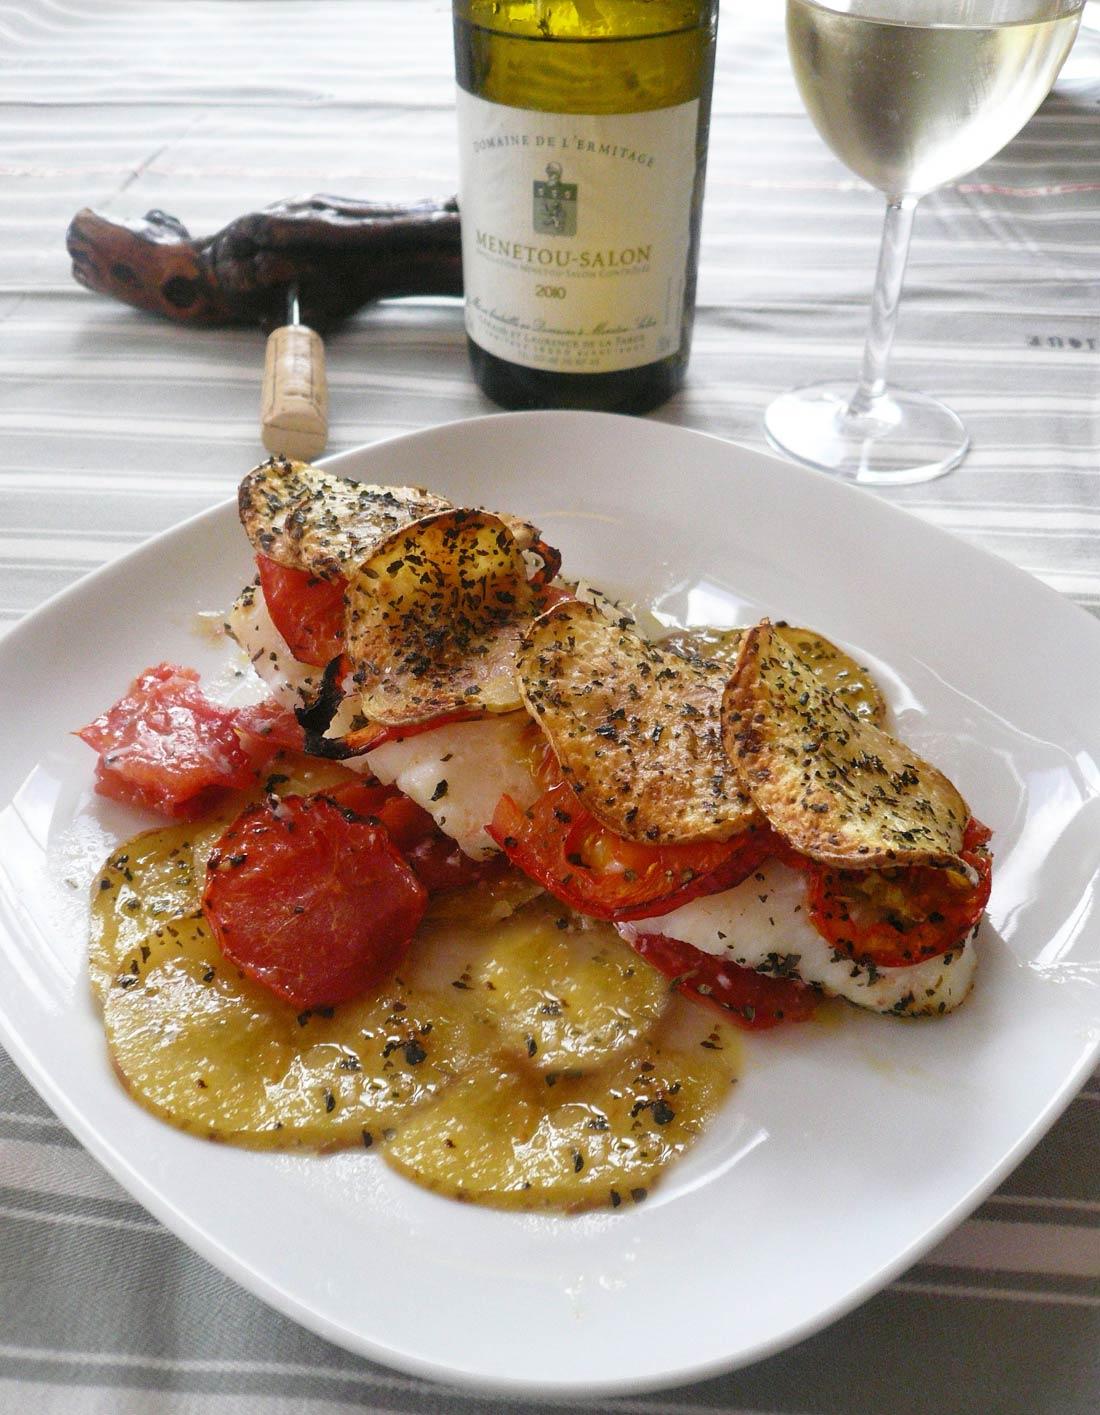 Cabillaud aux tomates en écailles de pommes de terre